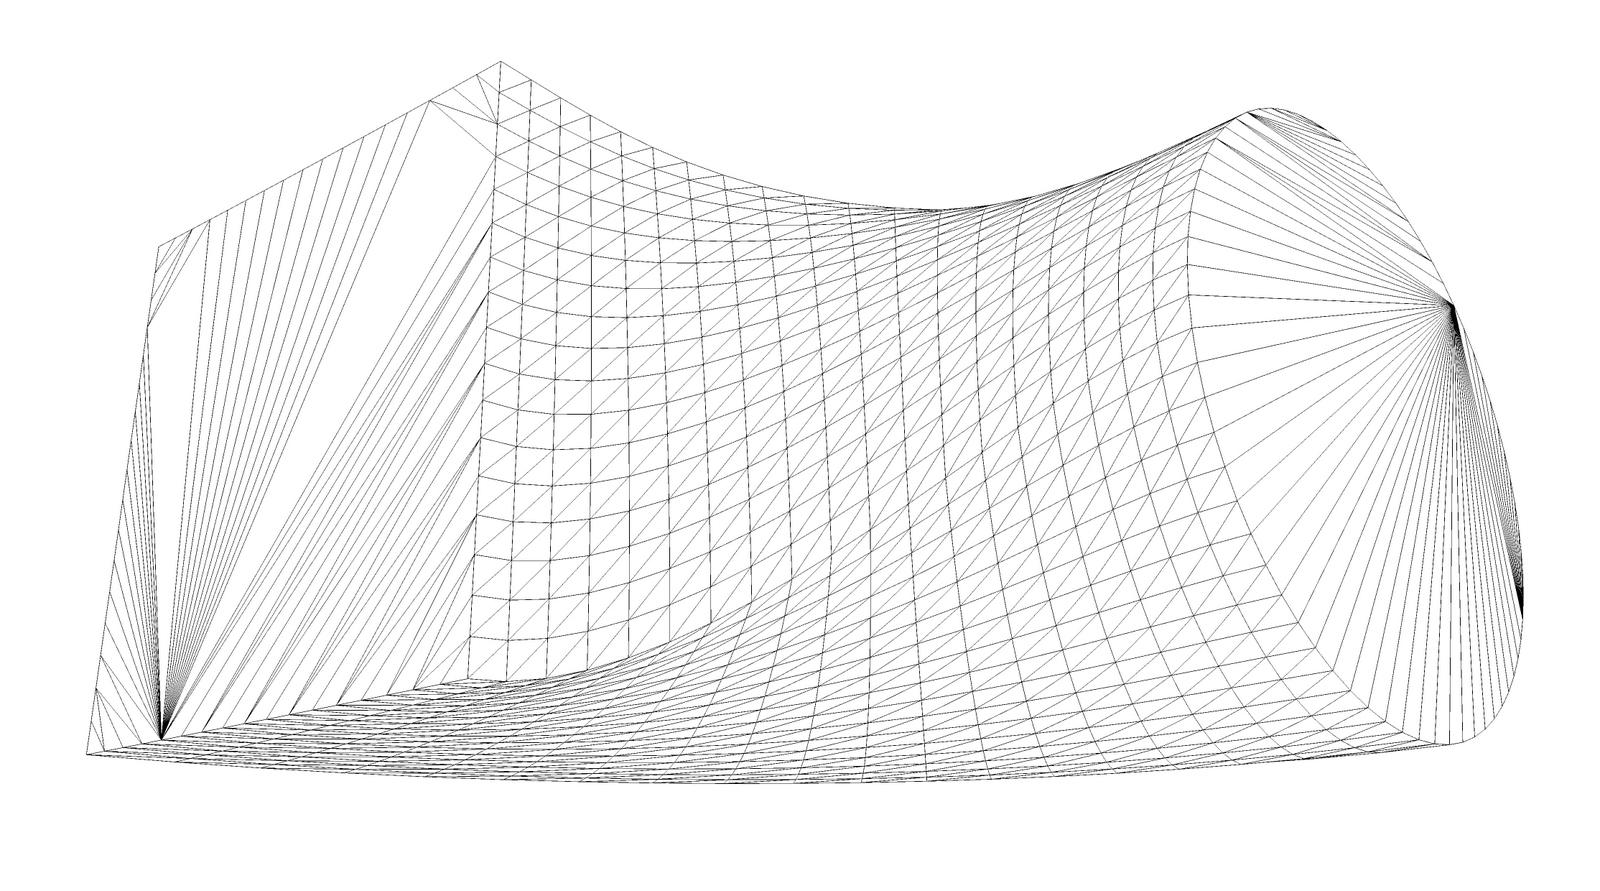 31-Kvadrat til cirkel3.jpg